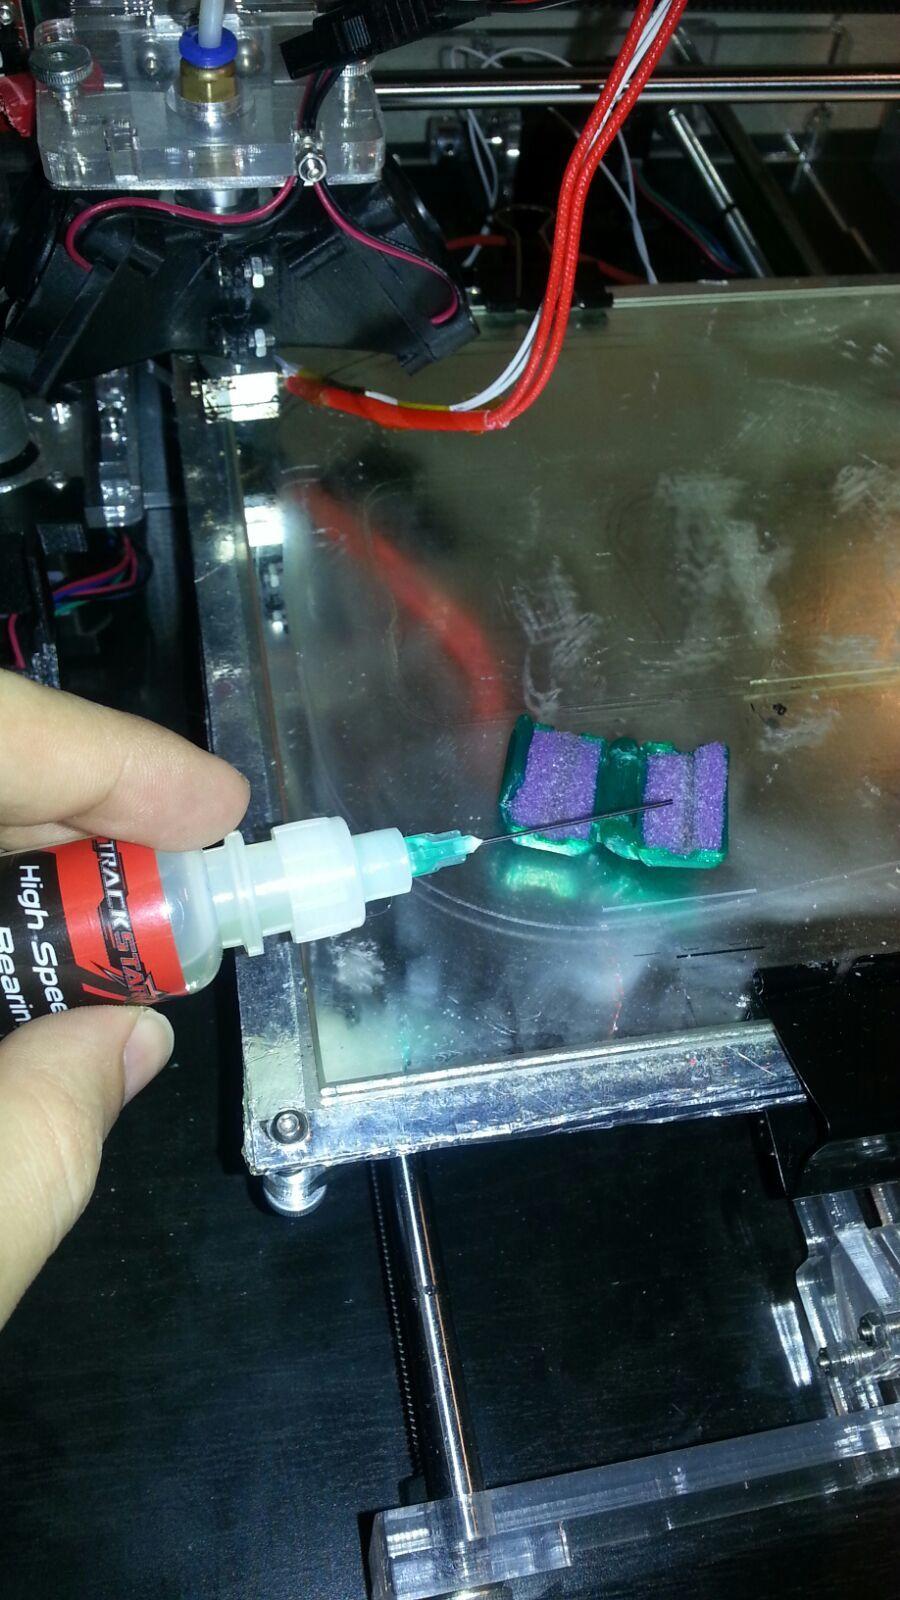 Конструктор 3D-принтера от SUNHOKEY в процессе эксплуатации (часть вторая) - 14